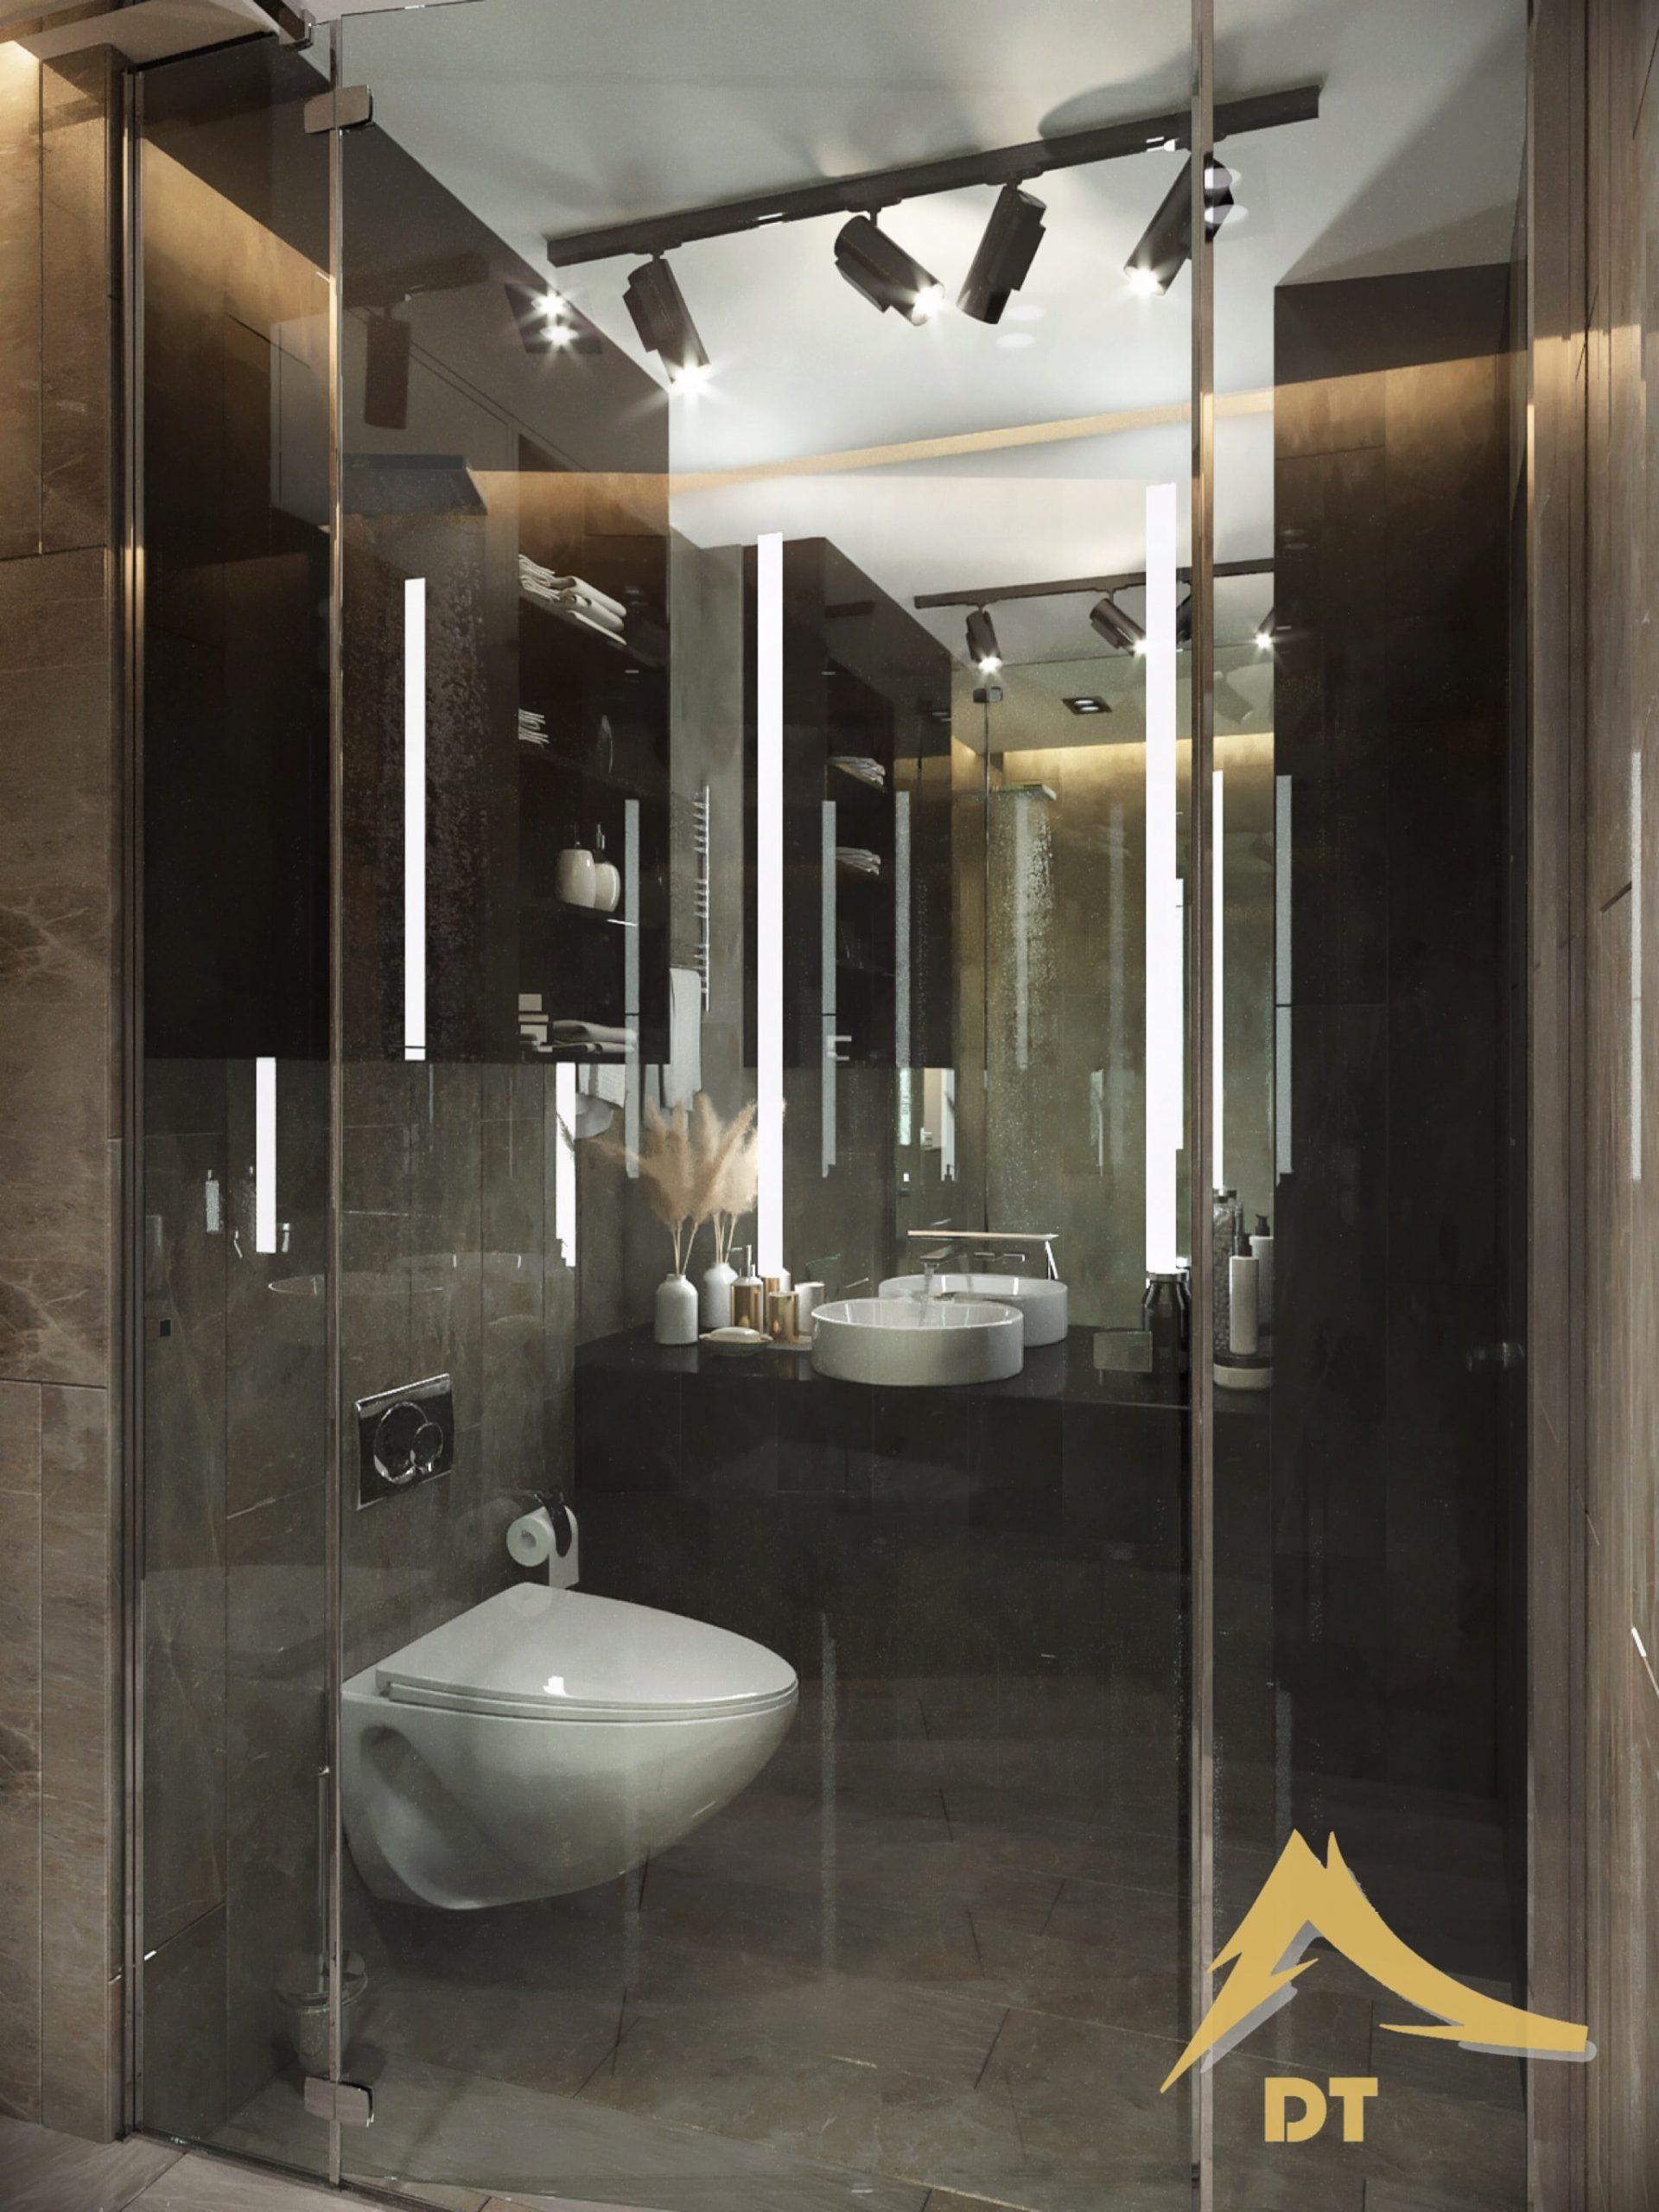 شرکت معماری و دکوراسیون داخلی دکوطرح - hosseinnia niavaran 12 scaled